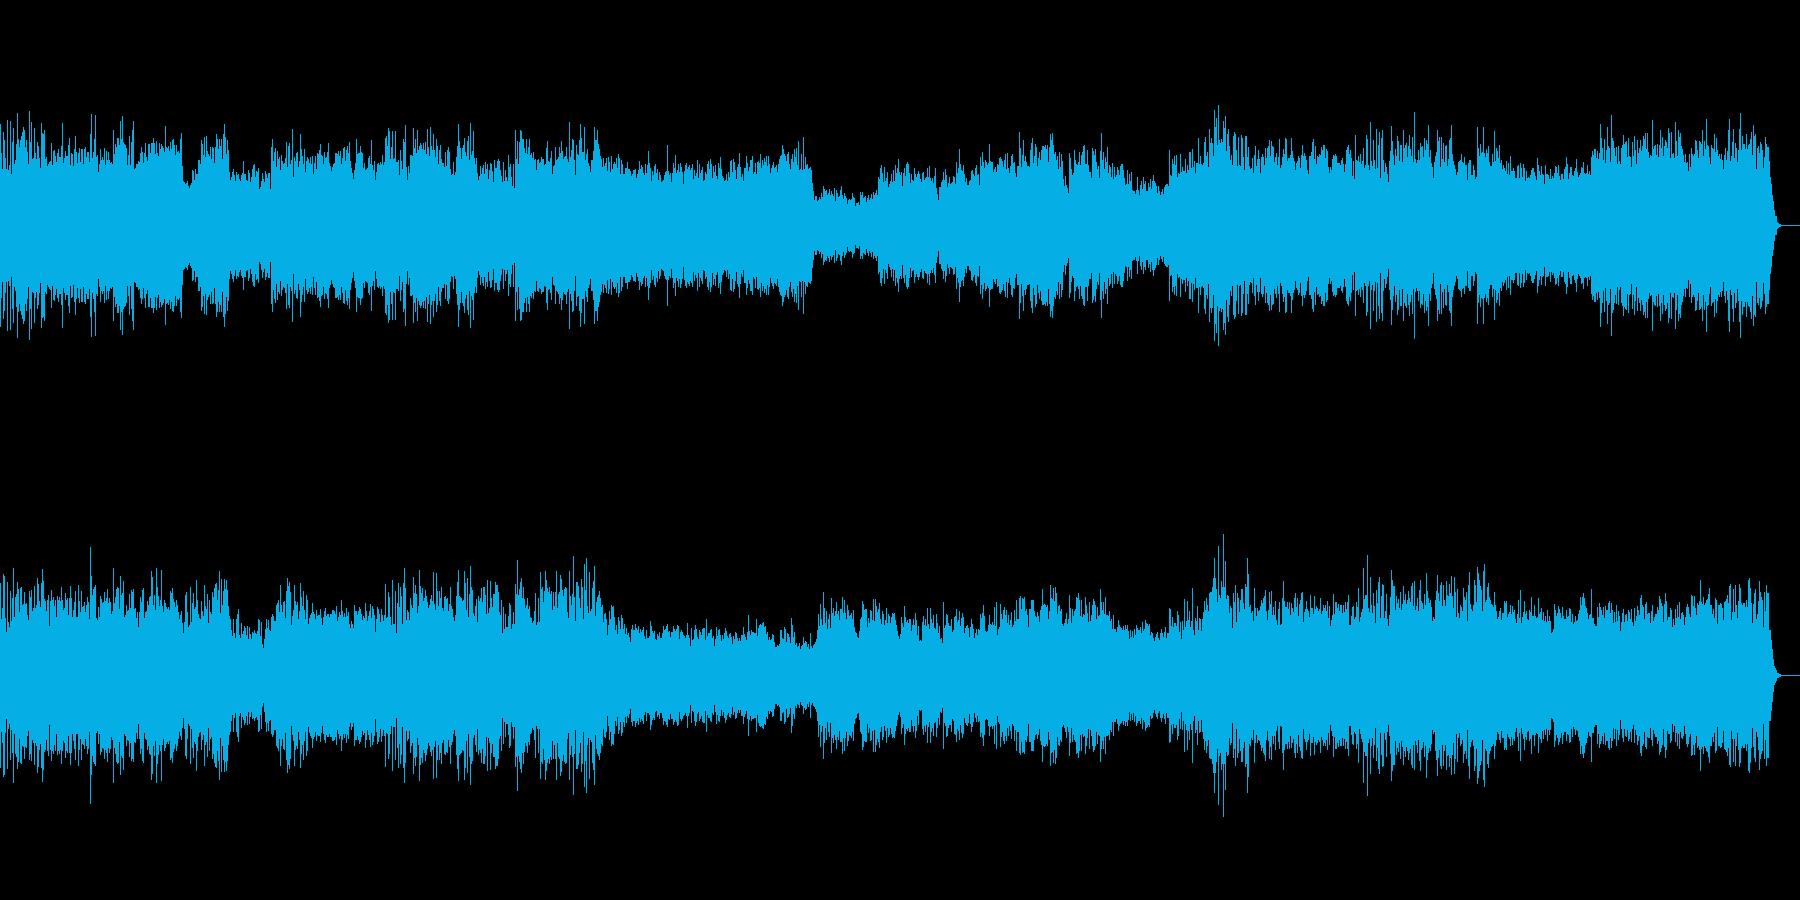 ドキュメンタリーテーマ音楽の再生済みの波形